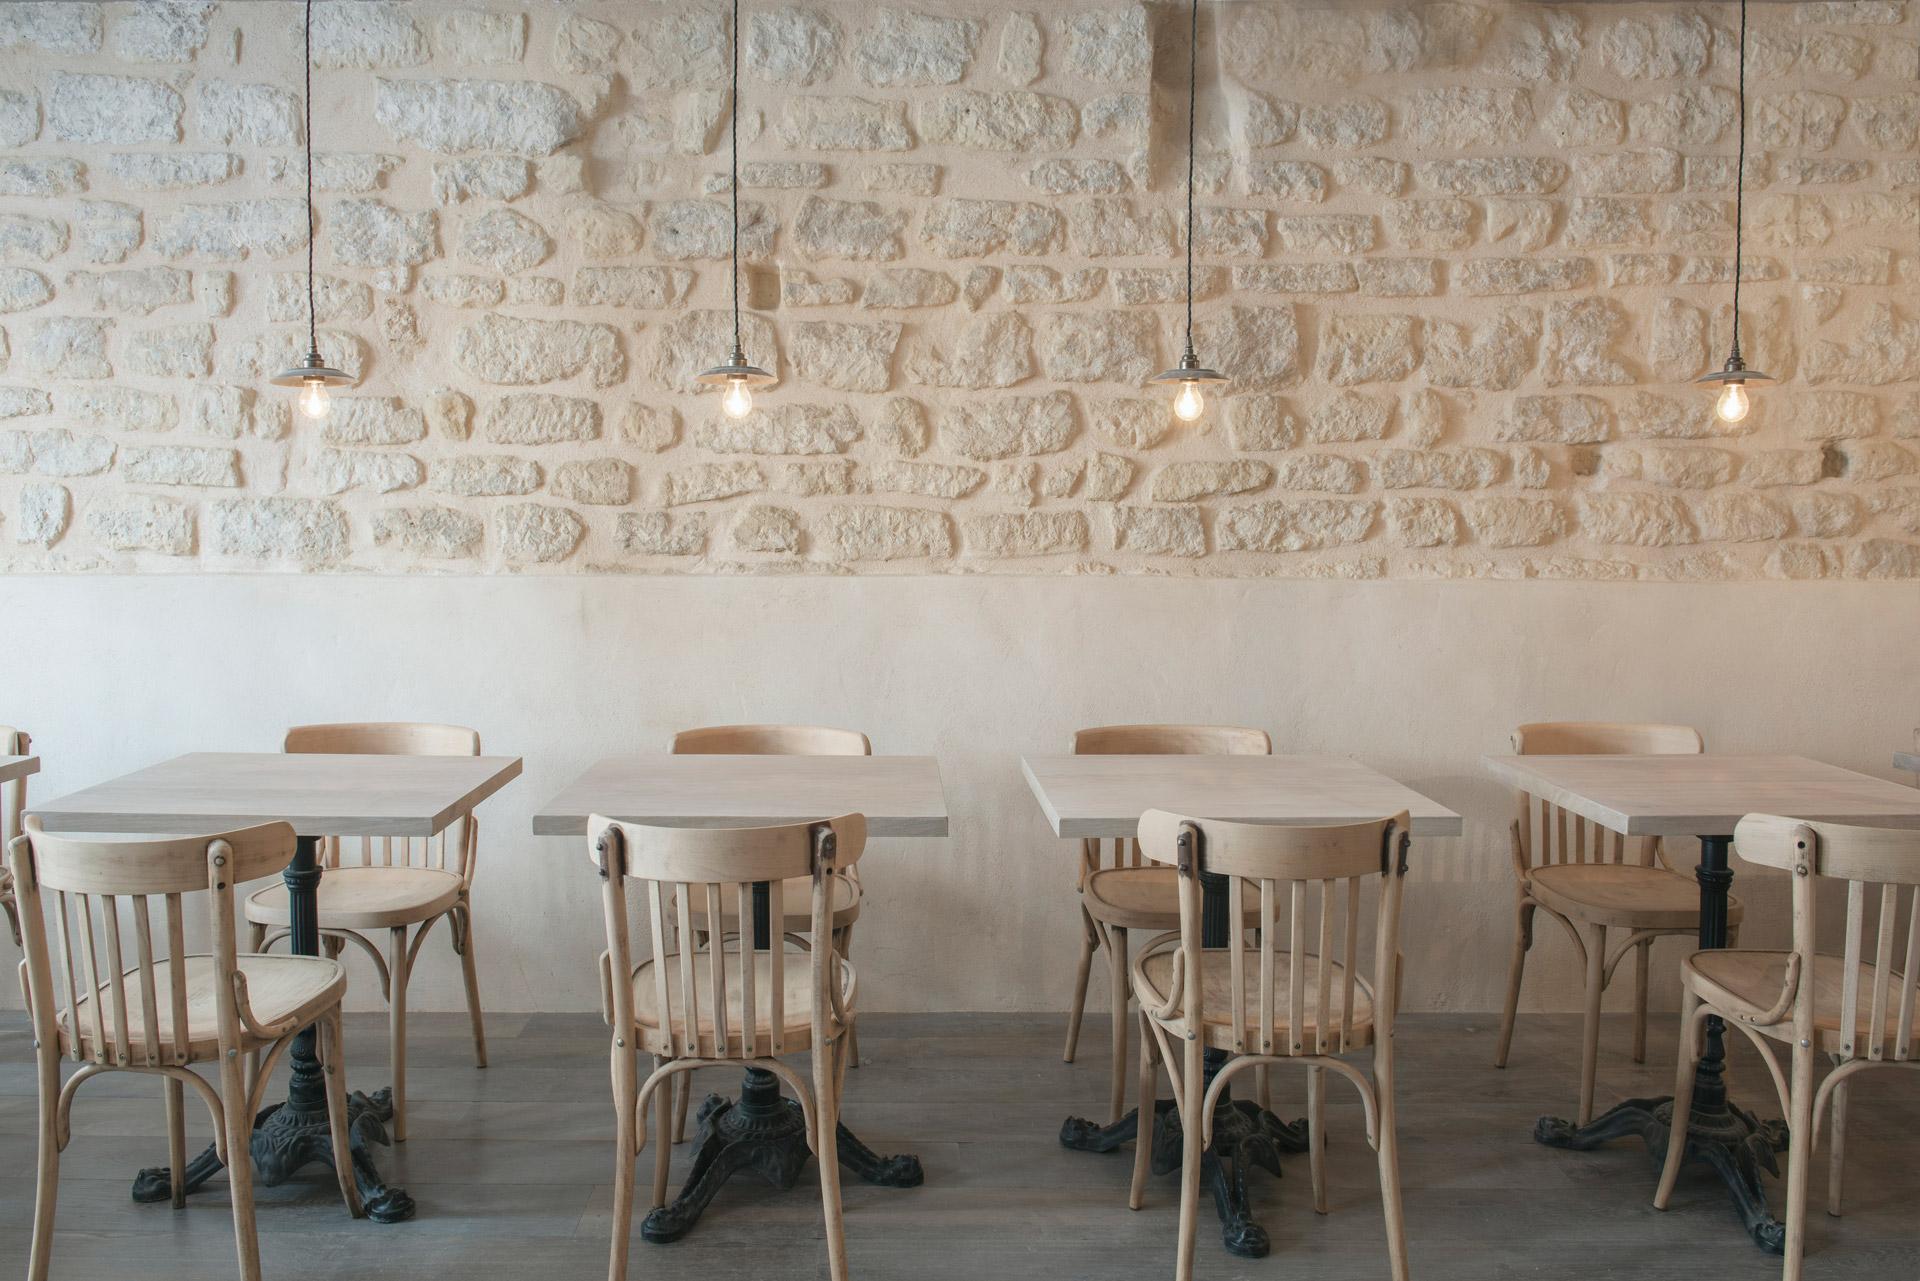 Our Reznor pendants illuminate this rustic Parisian restaurant